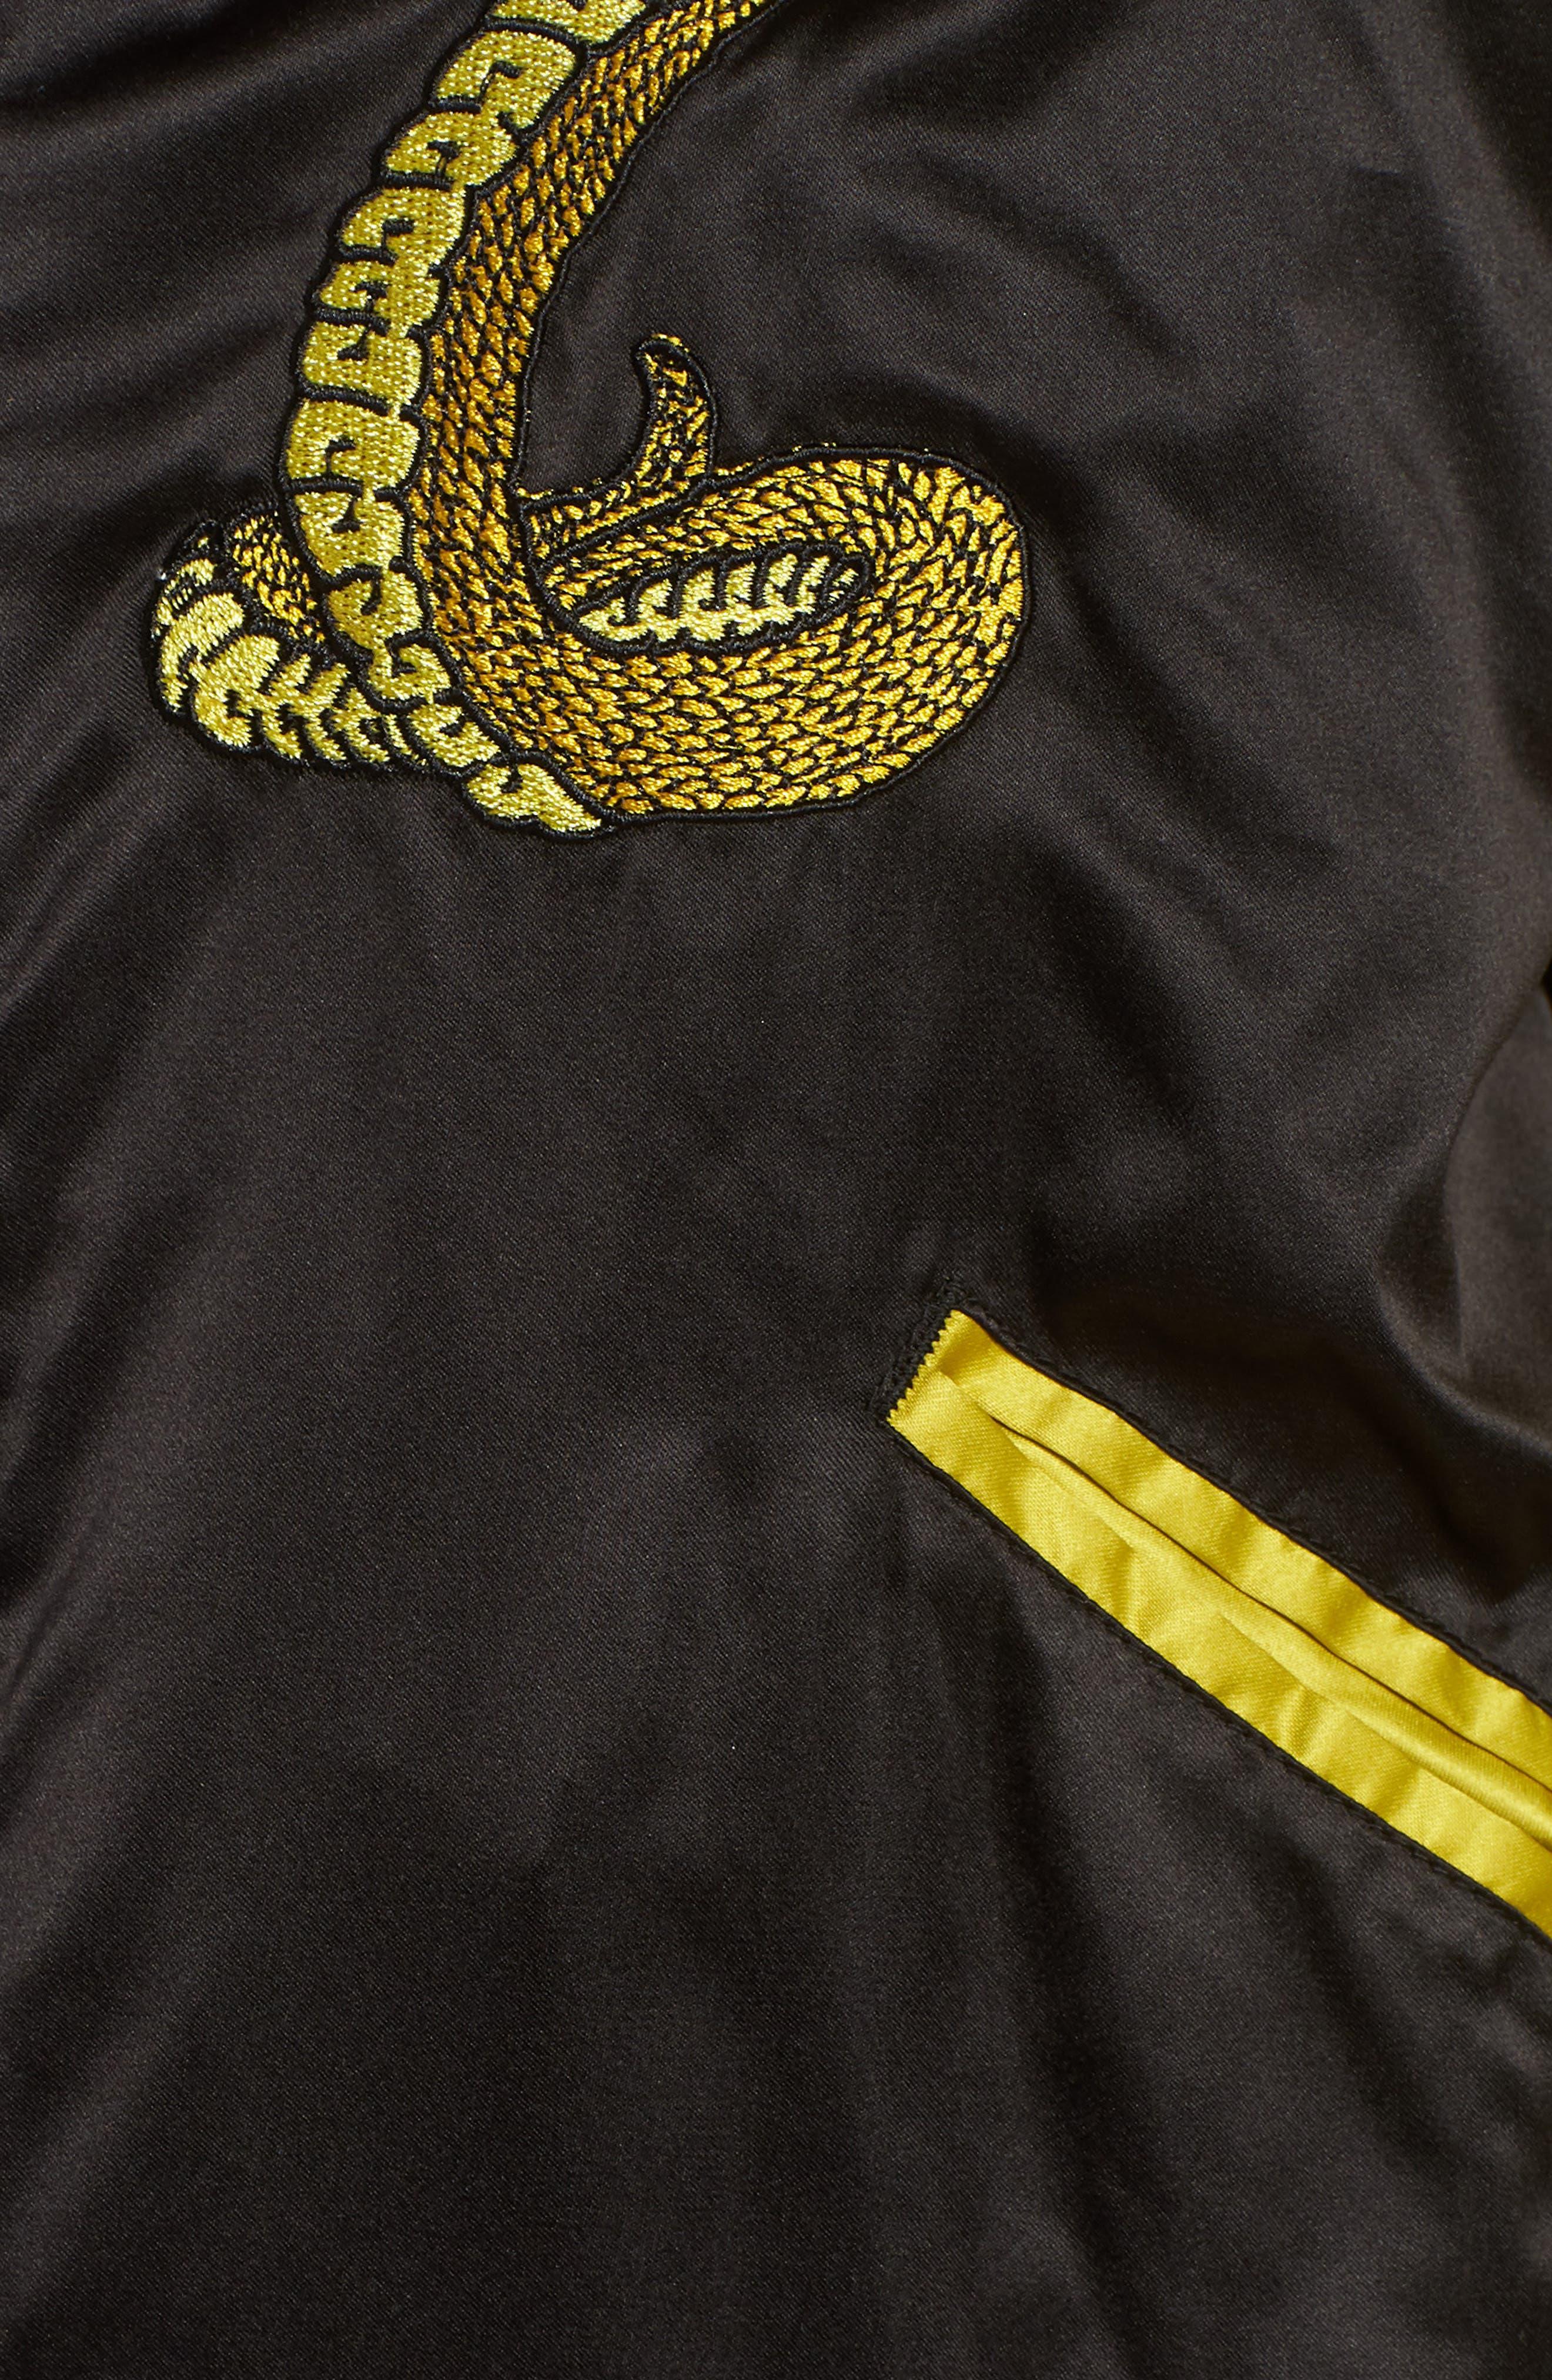 Snake Satin Bomber Jacket,                             Alternate thumbnail 7, color,                             001